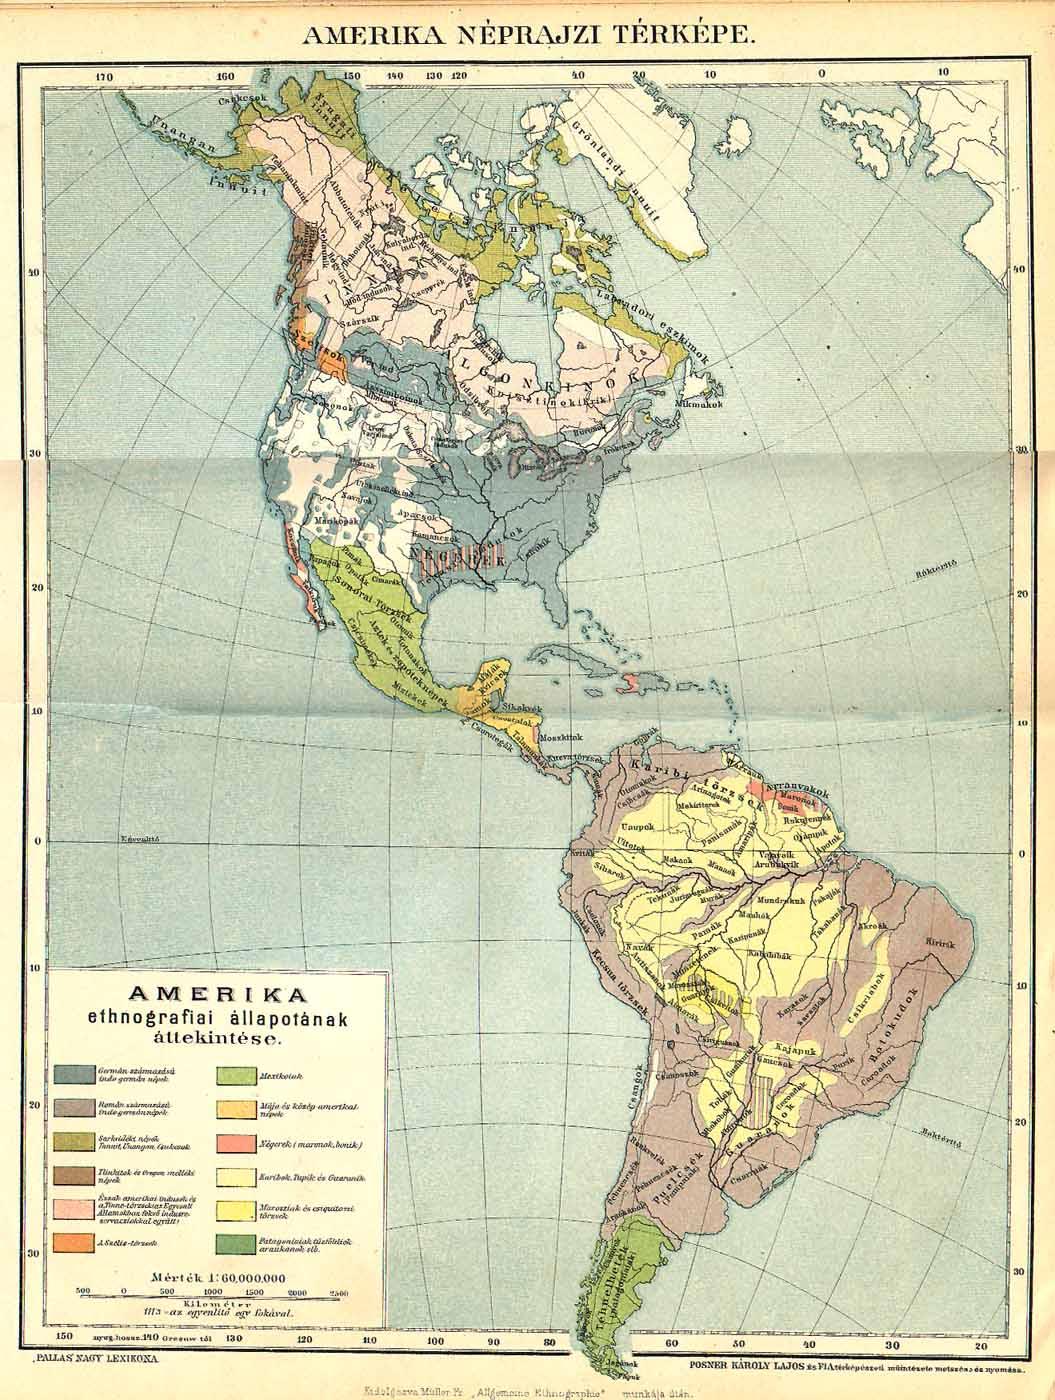 észak és dél amerika térkép A Pallas nagy lexikona észak és dél amerika térkép